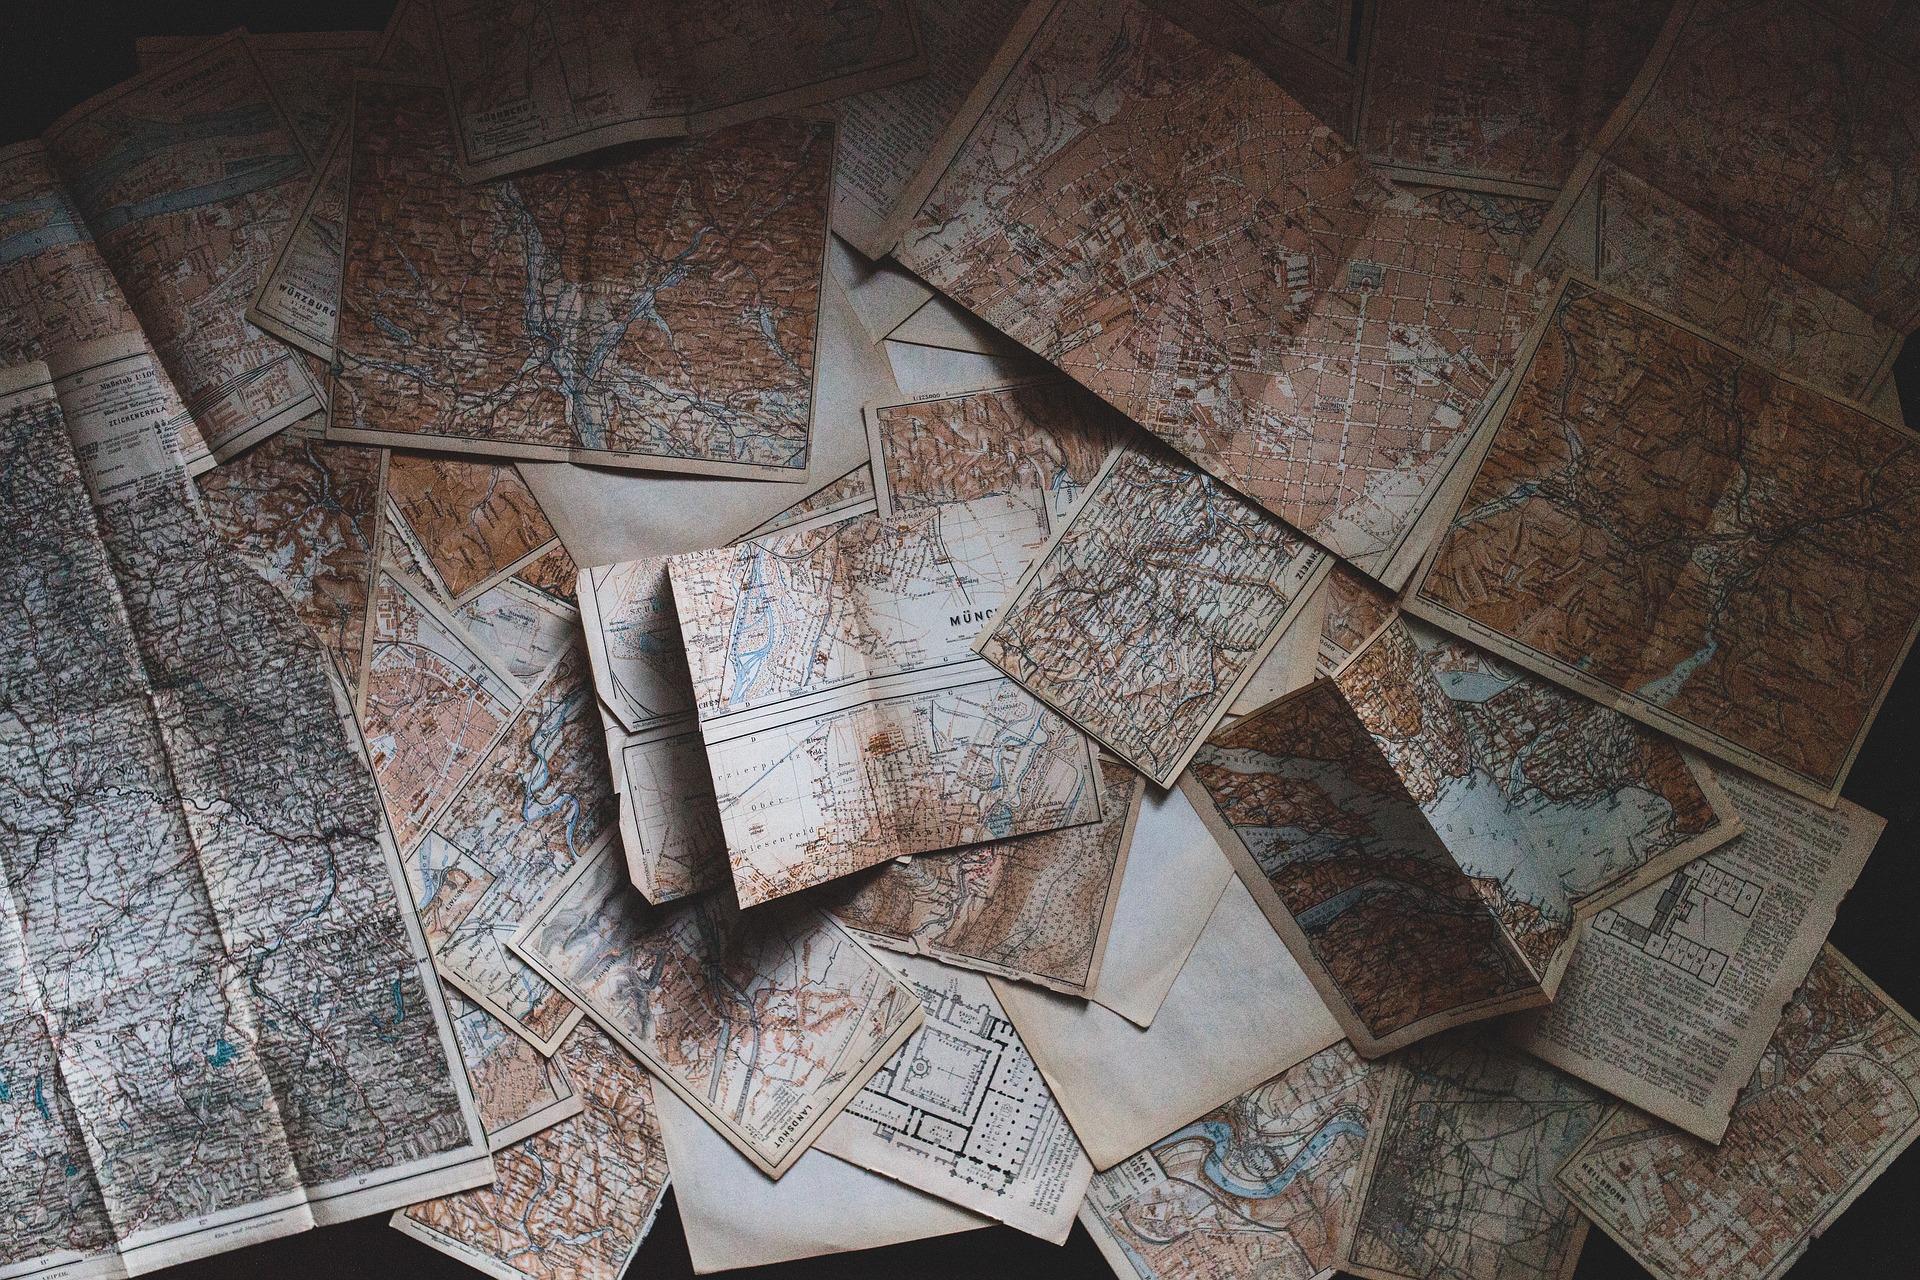 <p>Zdecydowanie łatwiej umiejscowić na mapie kraj czy miasto. Gorzej jest z nazwami regionów. Jak Ci pójdzie w tym quizie?</p>